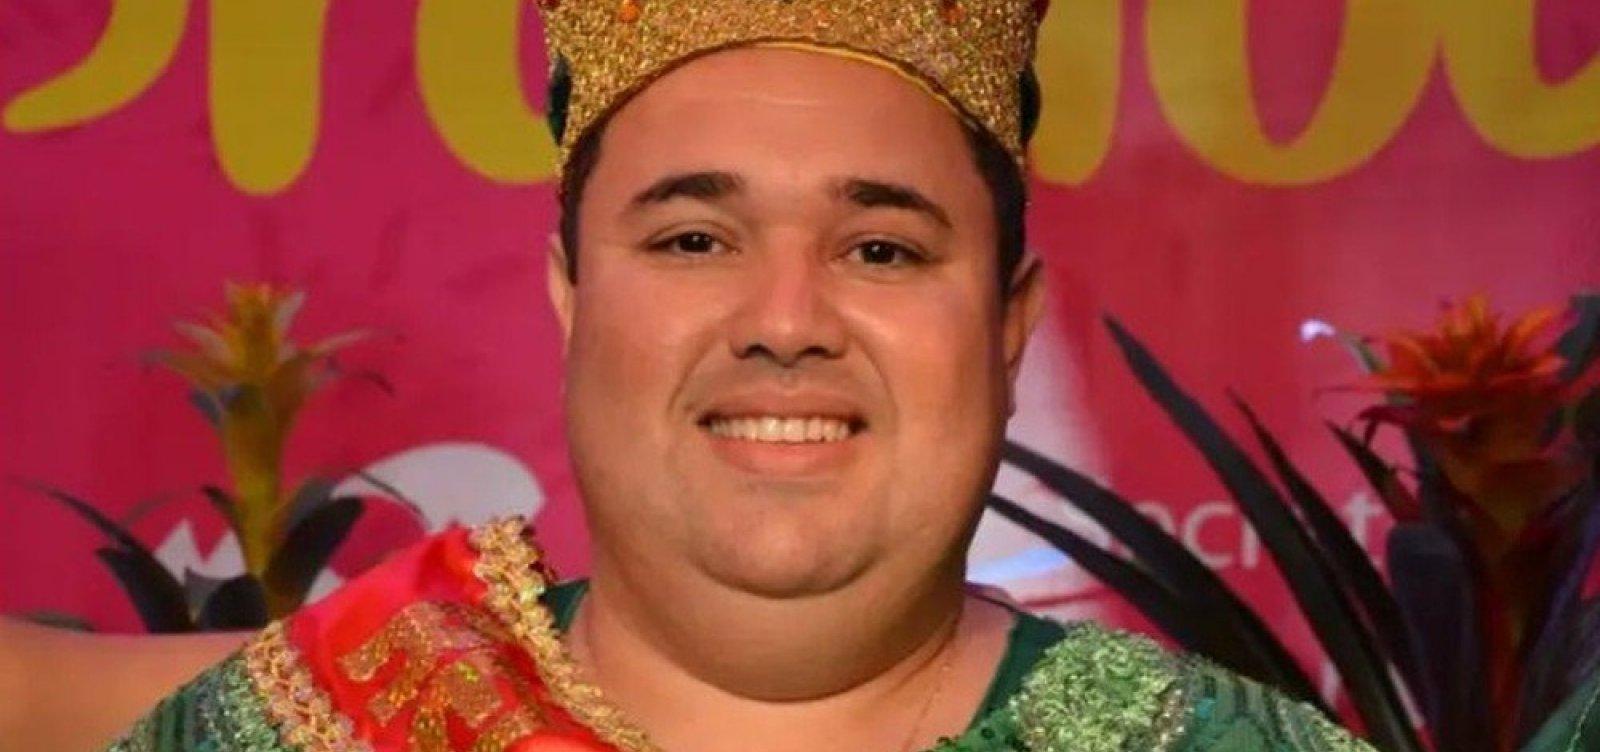 [Rei Momo para o Carnaval de Salvador 2020 é eleito]